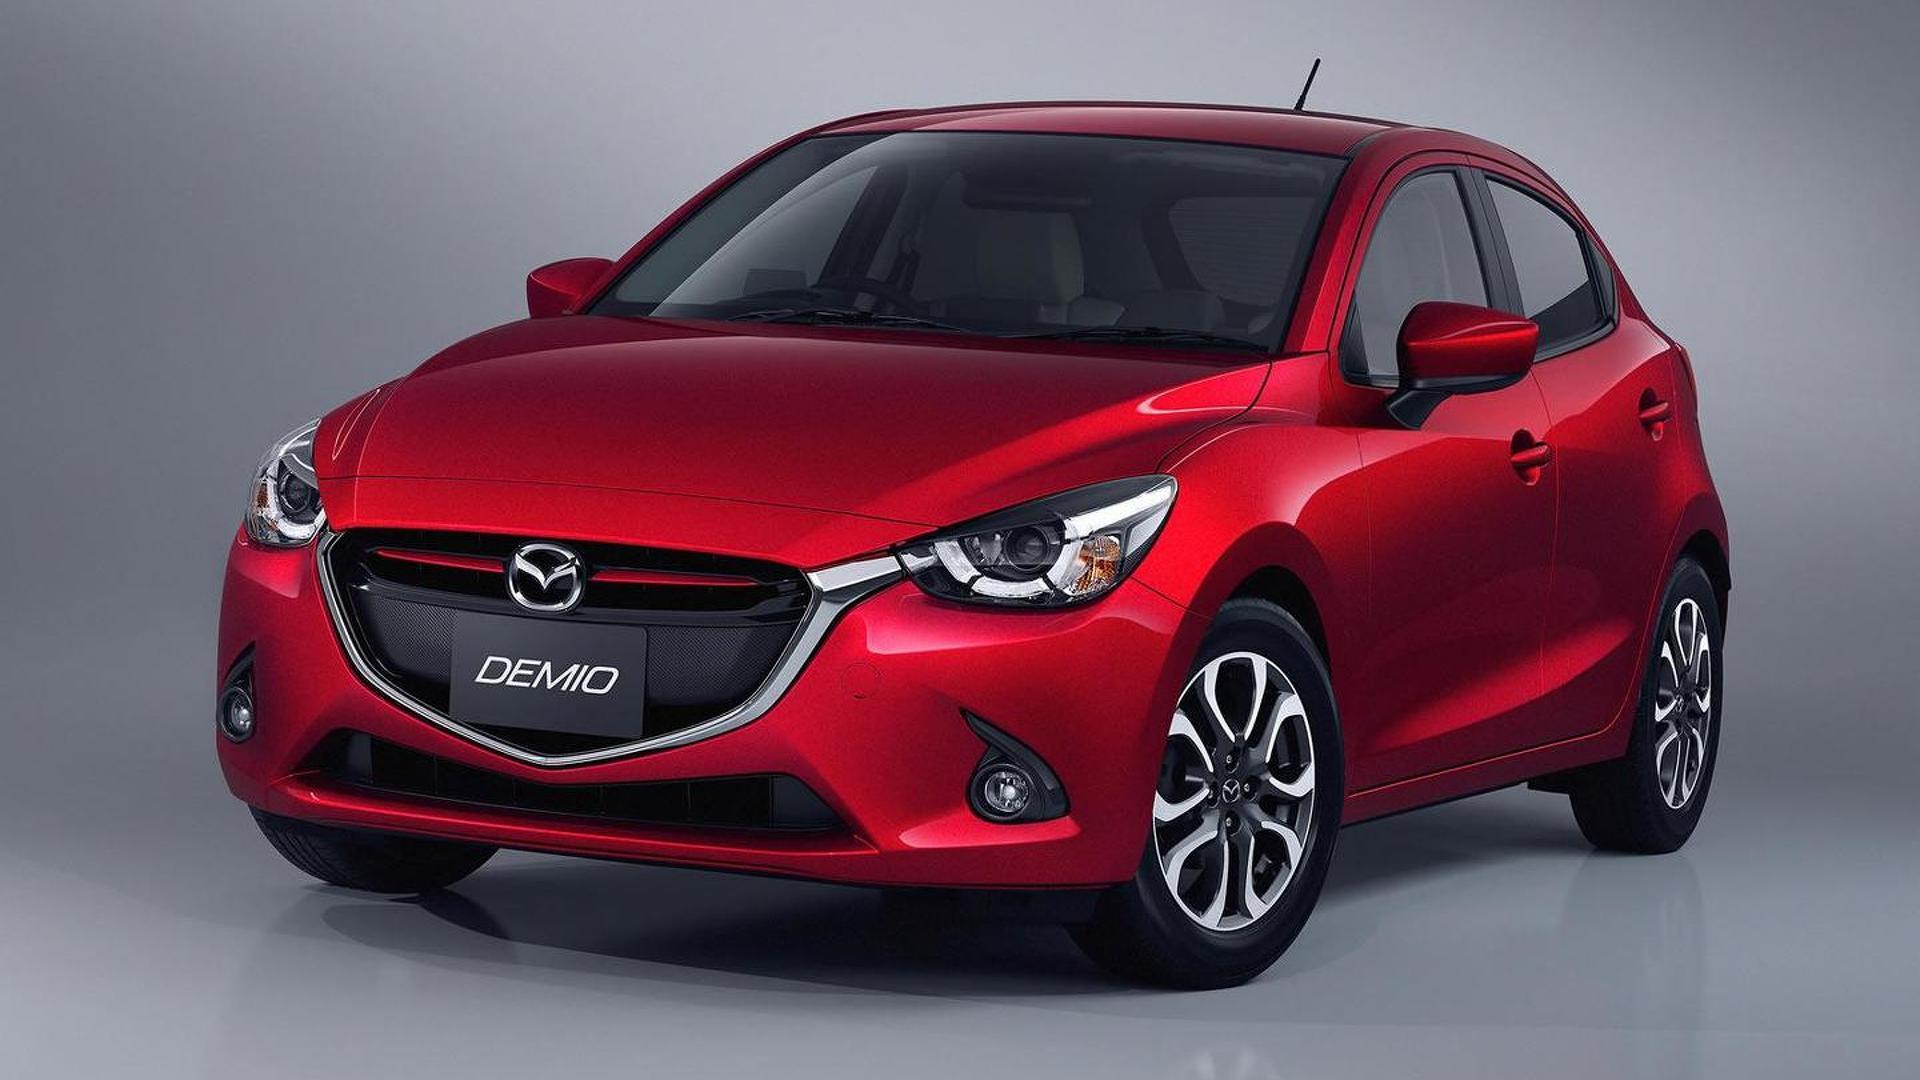 Kelebihan Kekurangan Mazda 2 2015 Tangguh